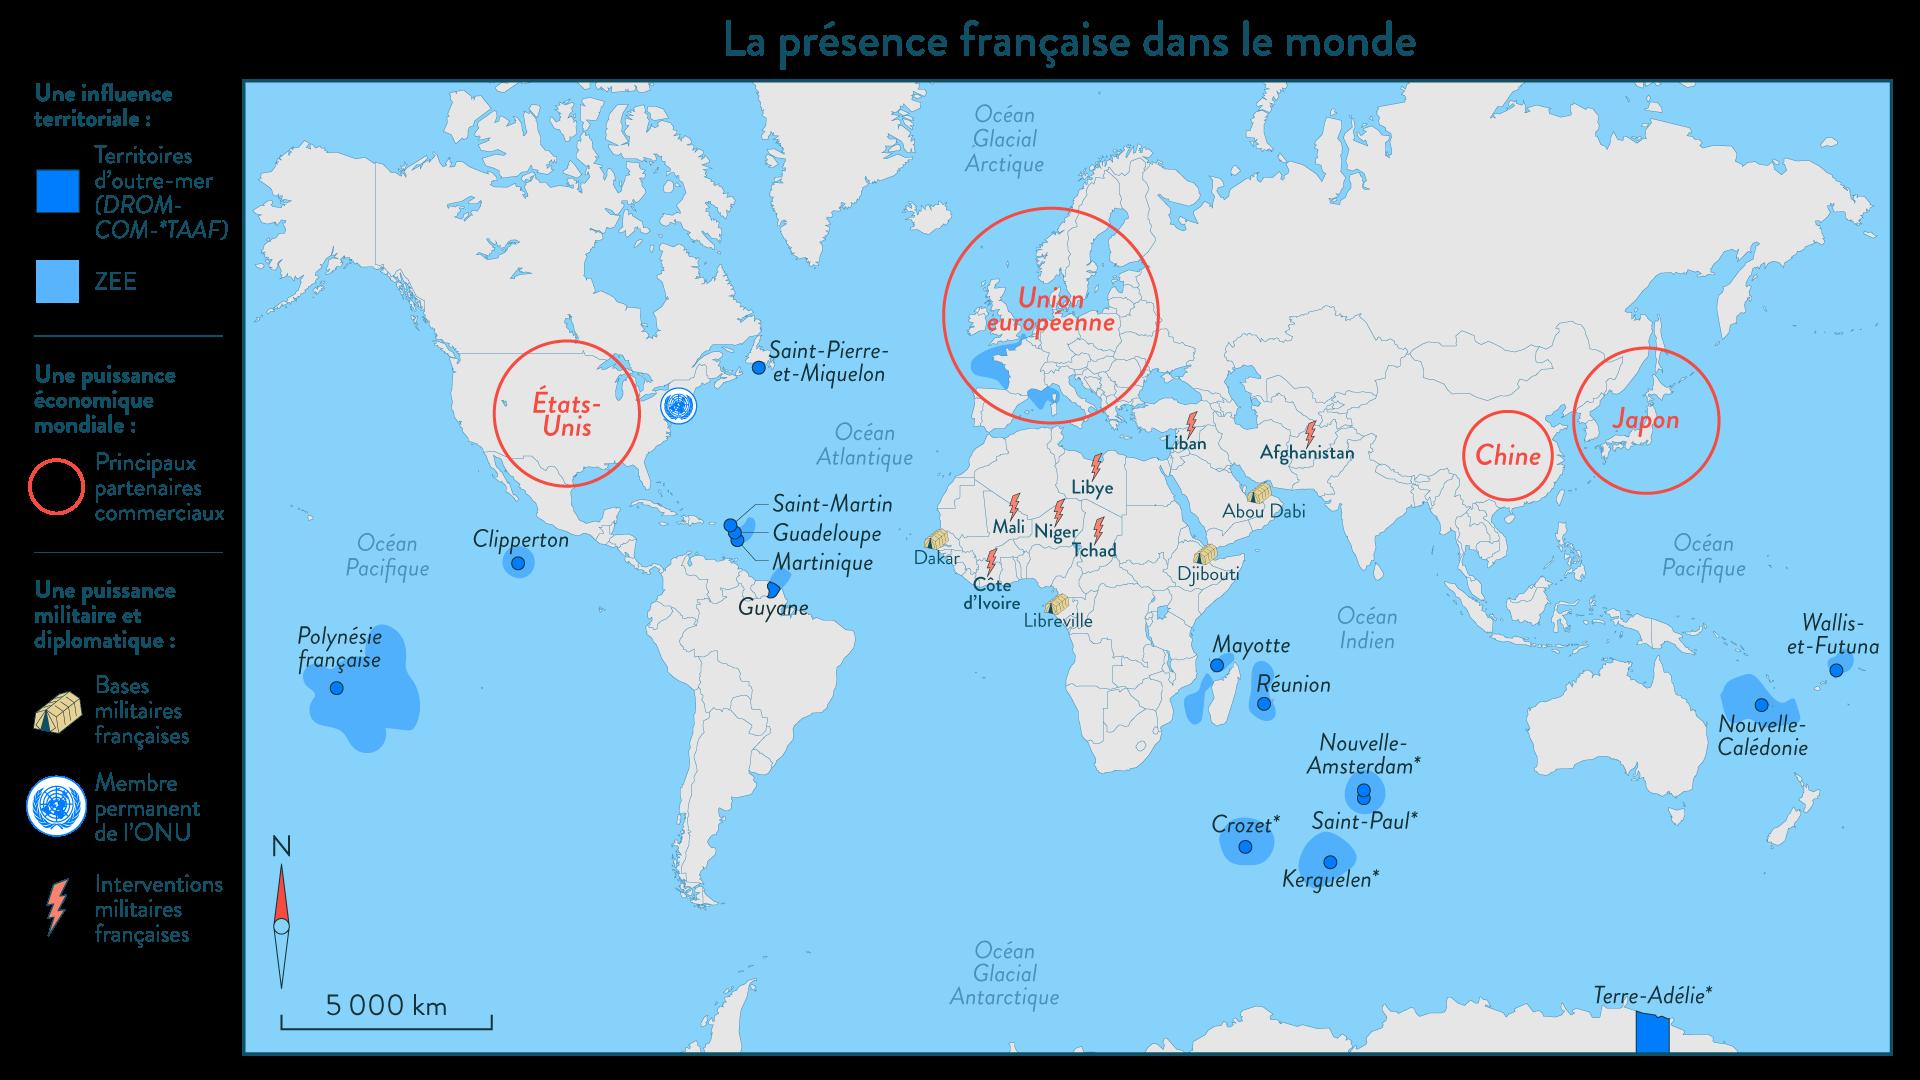 La présence française dans le monde